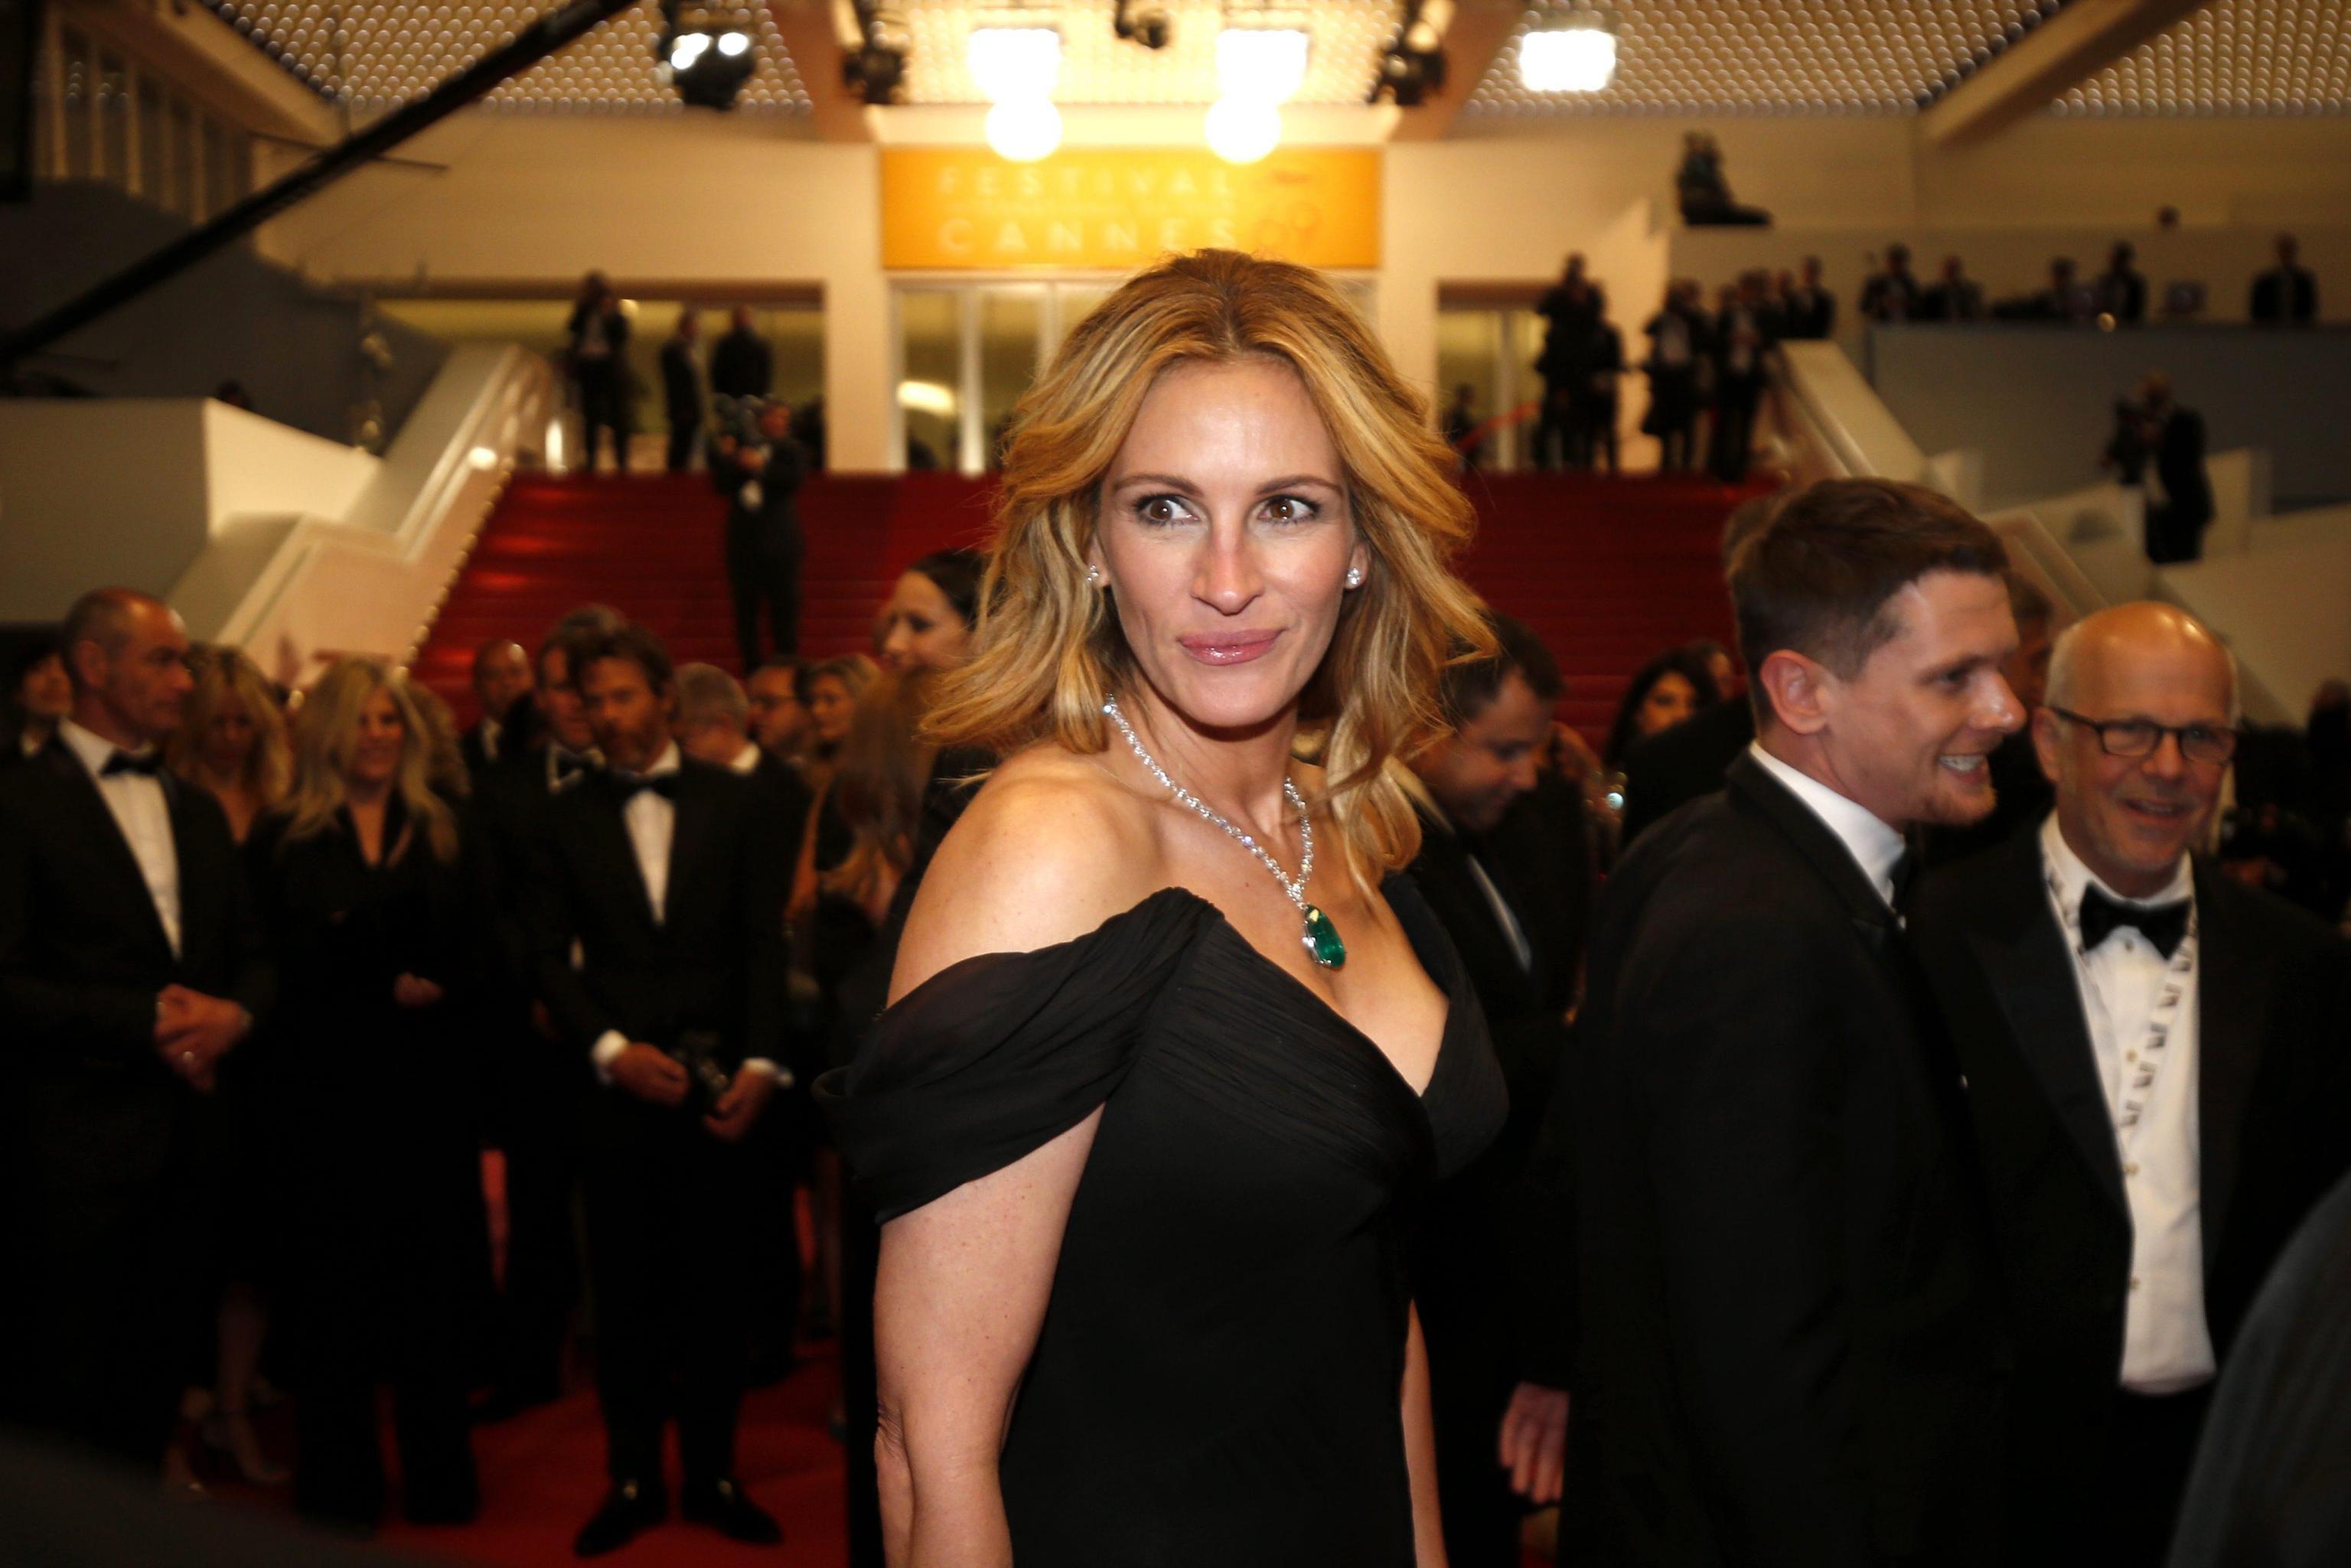 """A Cannes intanto non sono mancate polemiche di stampo lotico da parte del marito George. """"Non penso proprio che Donald Trump potrà diventare presidente degli Stati Uniti d'America, perchè non abbiamo voglia di mettere l'arma della paura alla guida del nostro Paese"""" ha detto George Clooney, democratico da sempre, durante la conferenza stampa per Money Monster di Jodie Foster, di cui è protagonista con Julia Roberts, oggi fuori concorso al Festival di Cannes. """"Per Trump scontiamo il fatto che molte trasmissioni televisive fanno una cattiva informazione. Mi spiego: se si dà la parola a Trump e gli si chiede di intervenire sulla crisi dei rifugiati in Europa, e lui si mette a parlare del suo programma elettorale e di fatto fa propaganda, il risultato è un disastro. L'informazione deve parlare dei fatti, non di altro"""" ha concluso Clooney. FOTO ANSA."""